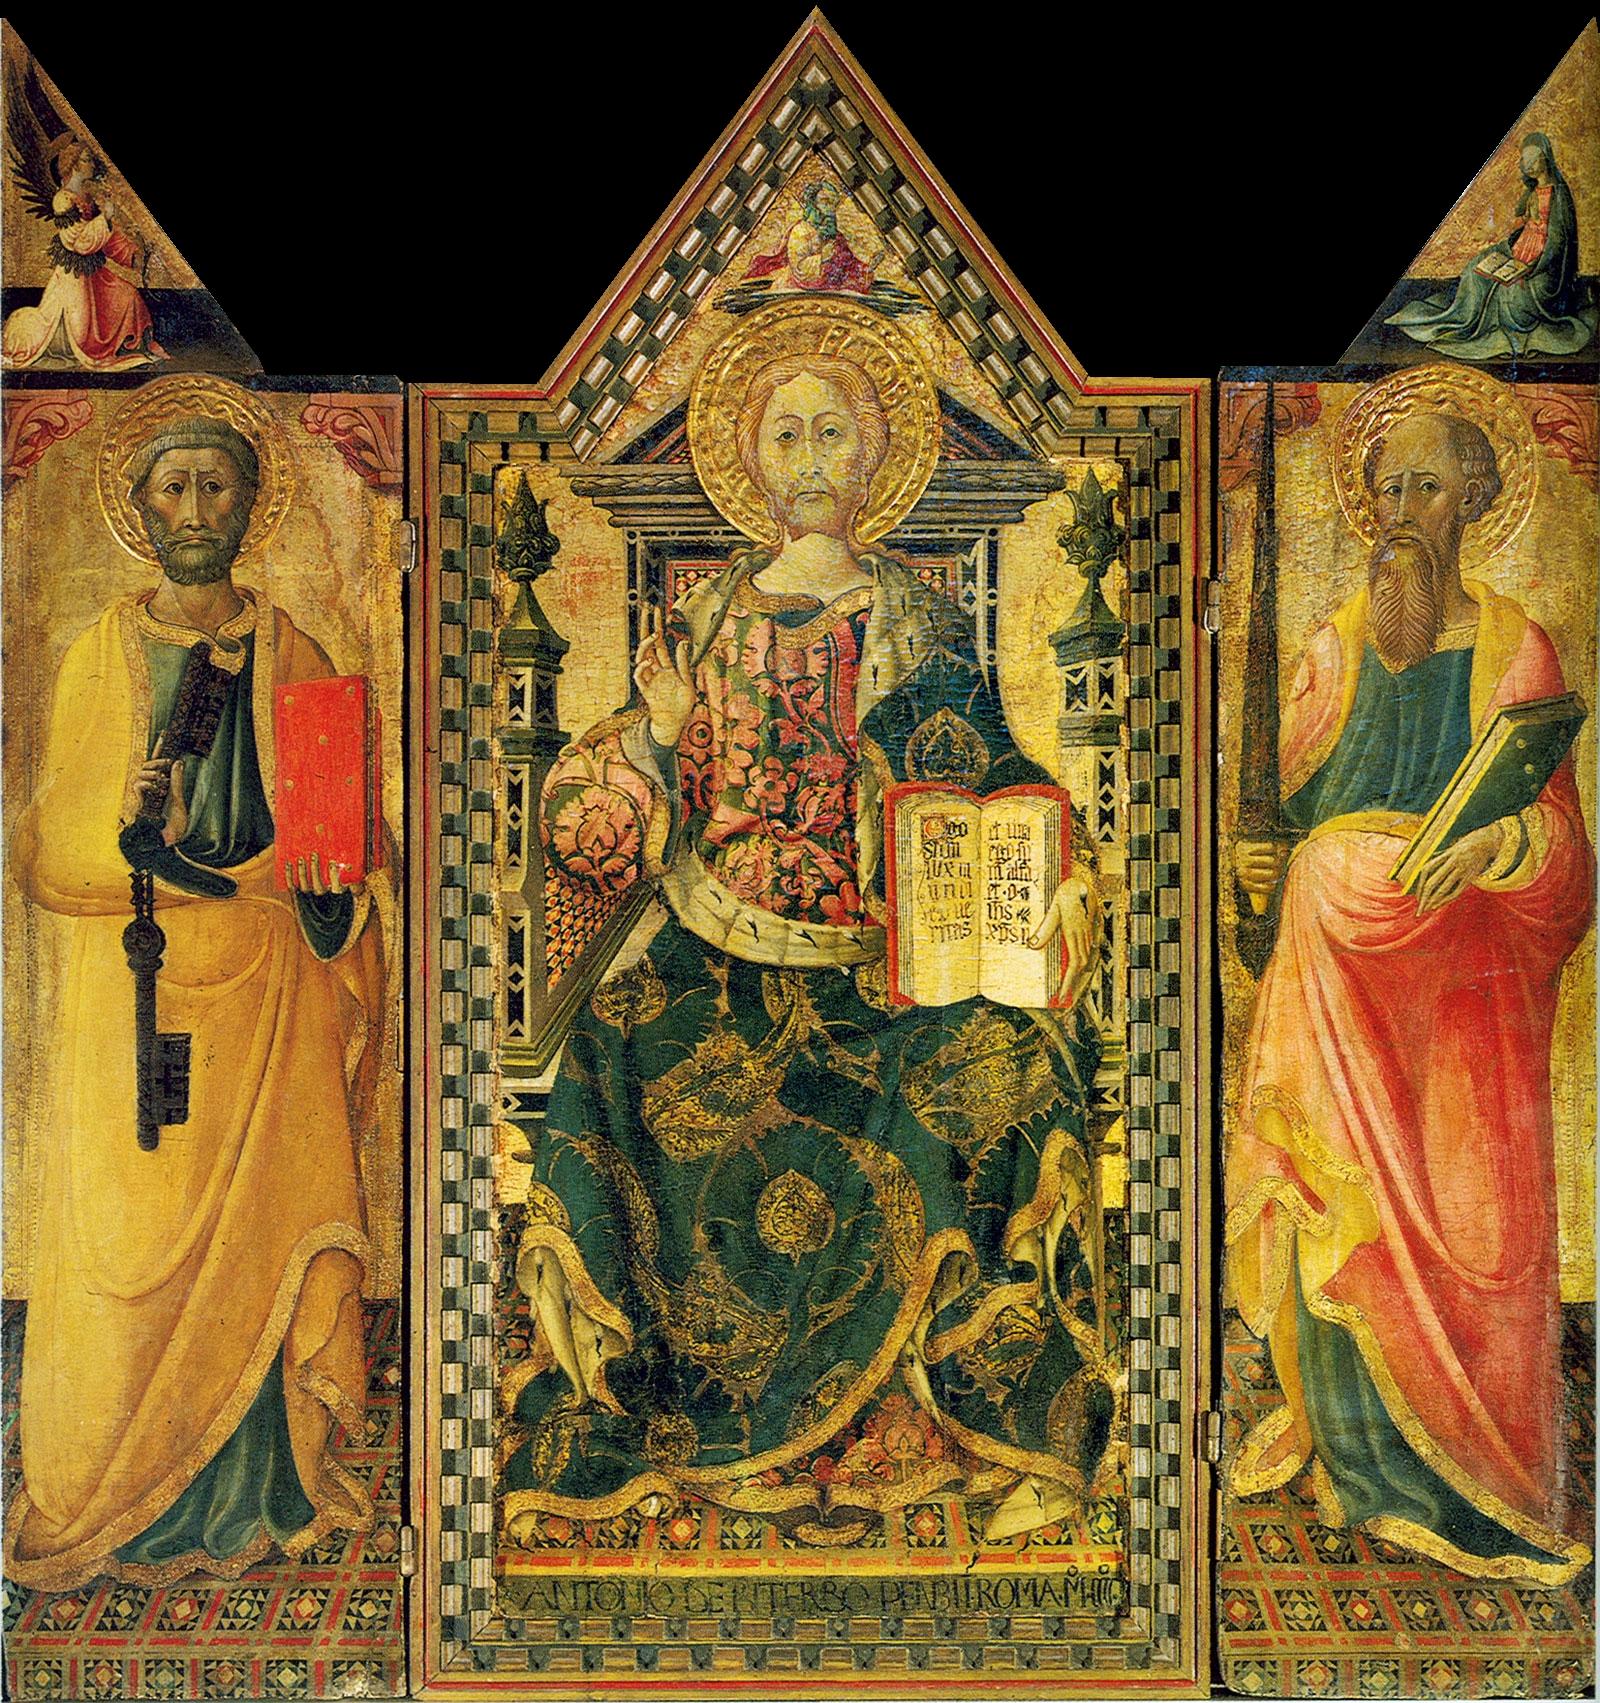 L'Annunciazione di Antonio da Viterbo esposta per la prima volta a Capena